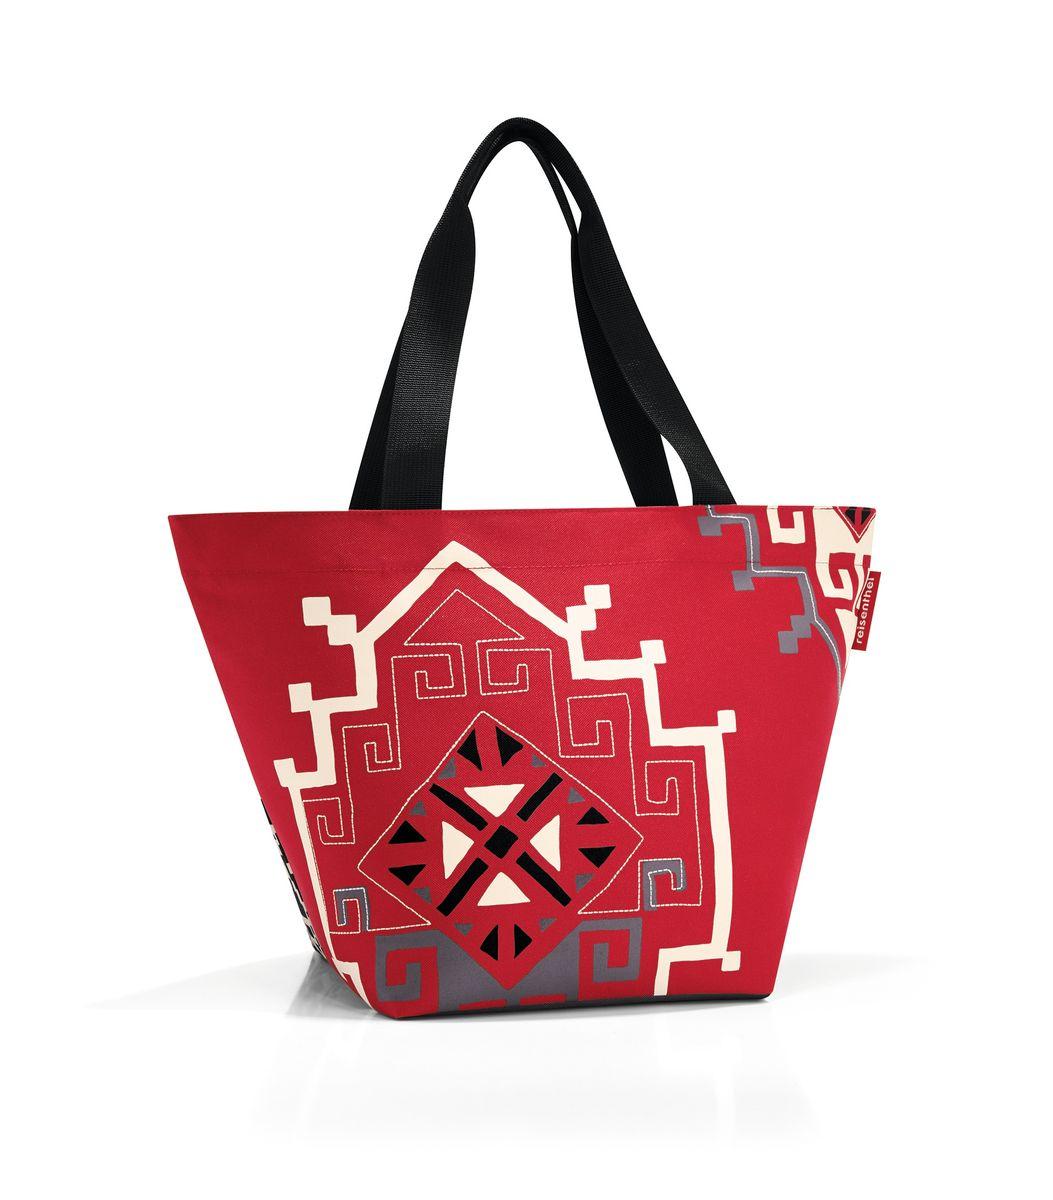 Сумка женская Reisenthel, цвет: красный, черный, светло-бежевый. ZS7035 сумка женская reisenthel цвет бежевый черный ms7027